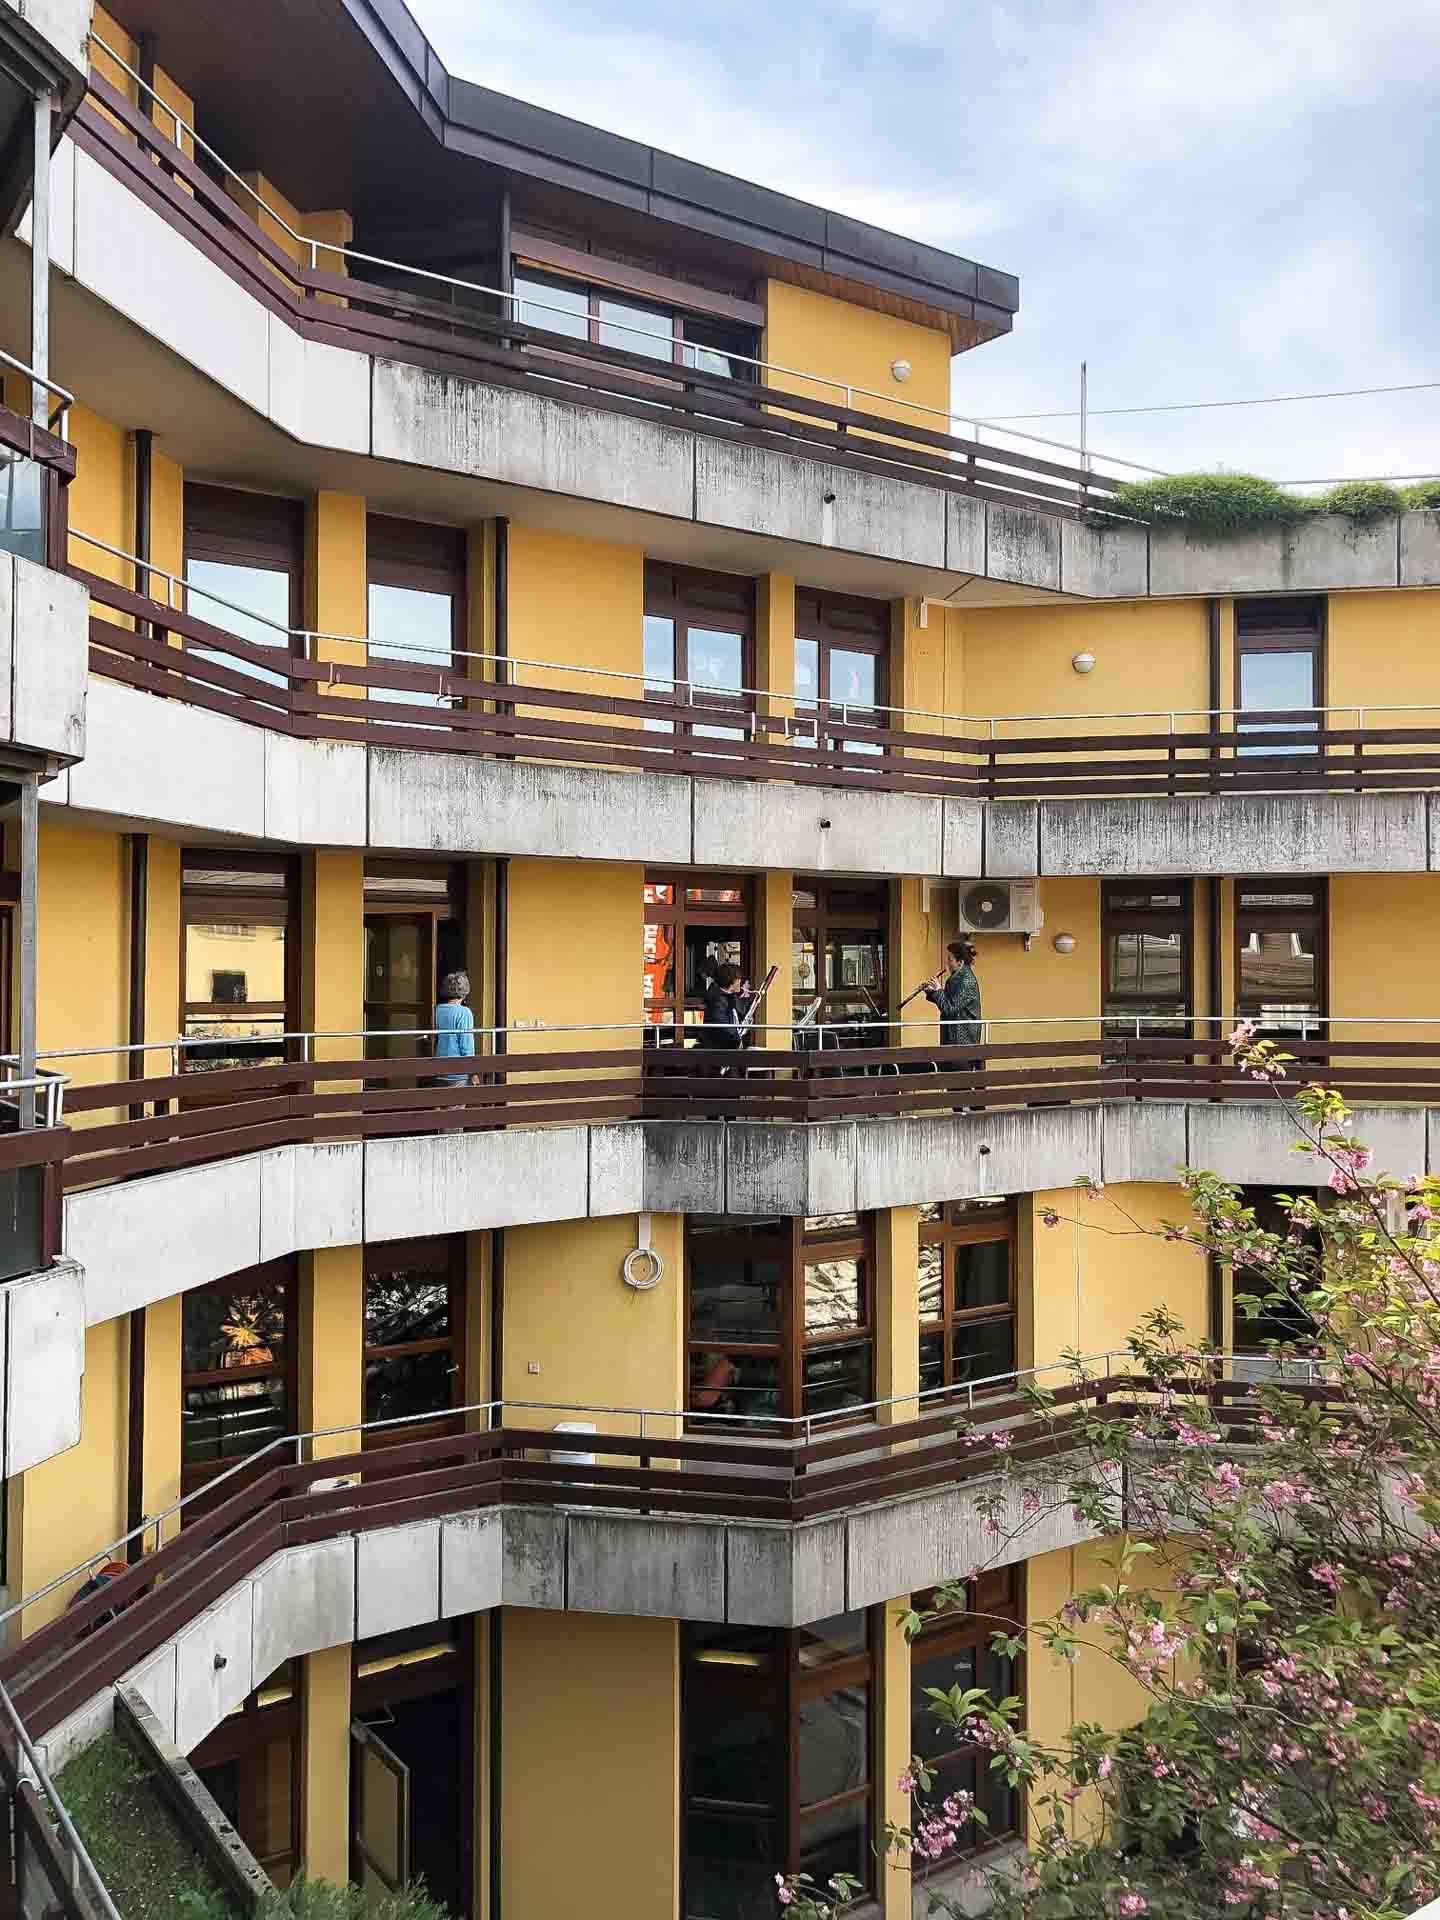 2020-04-16-Balkon-Konzert-SWR-1920px-6599